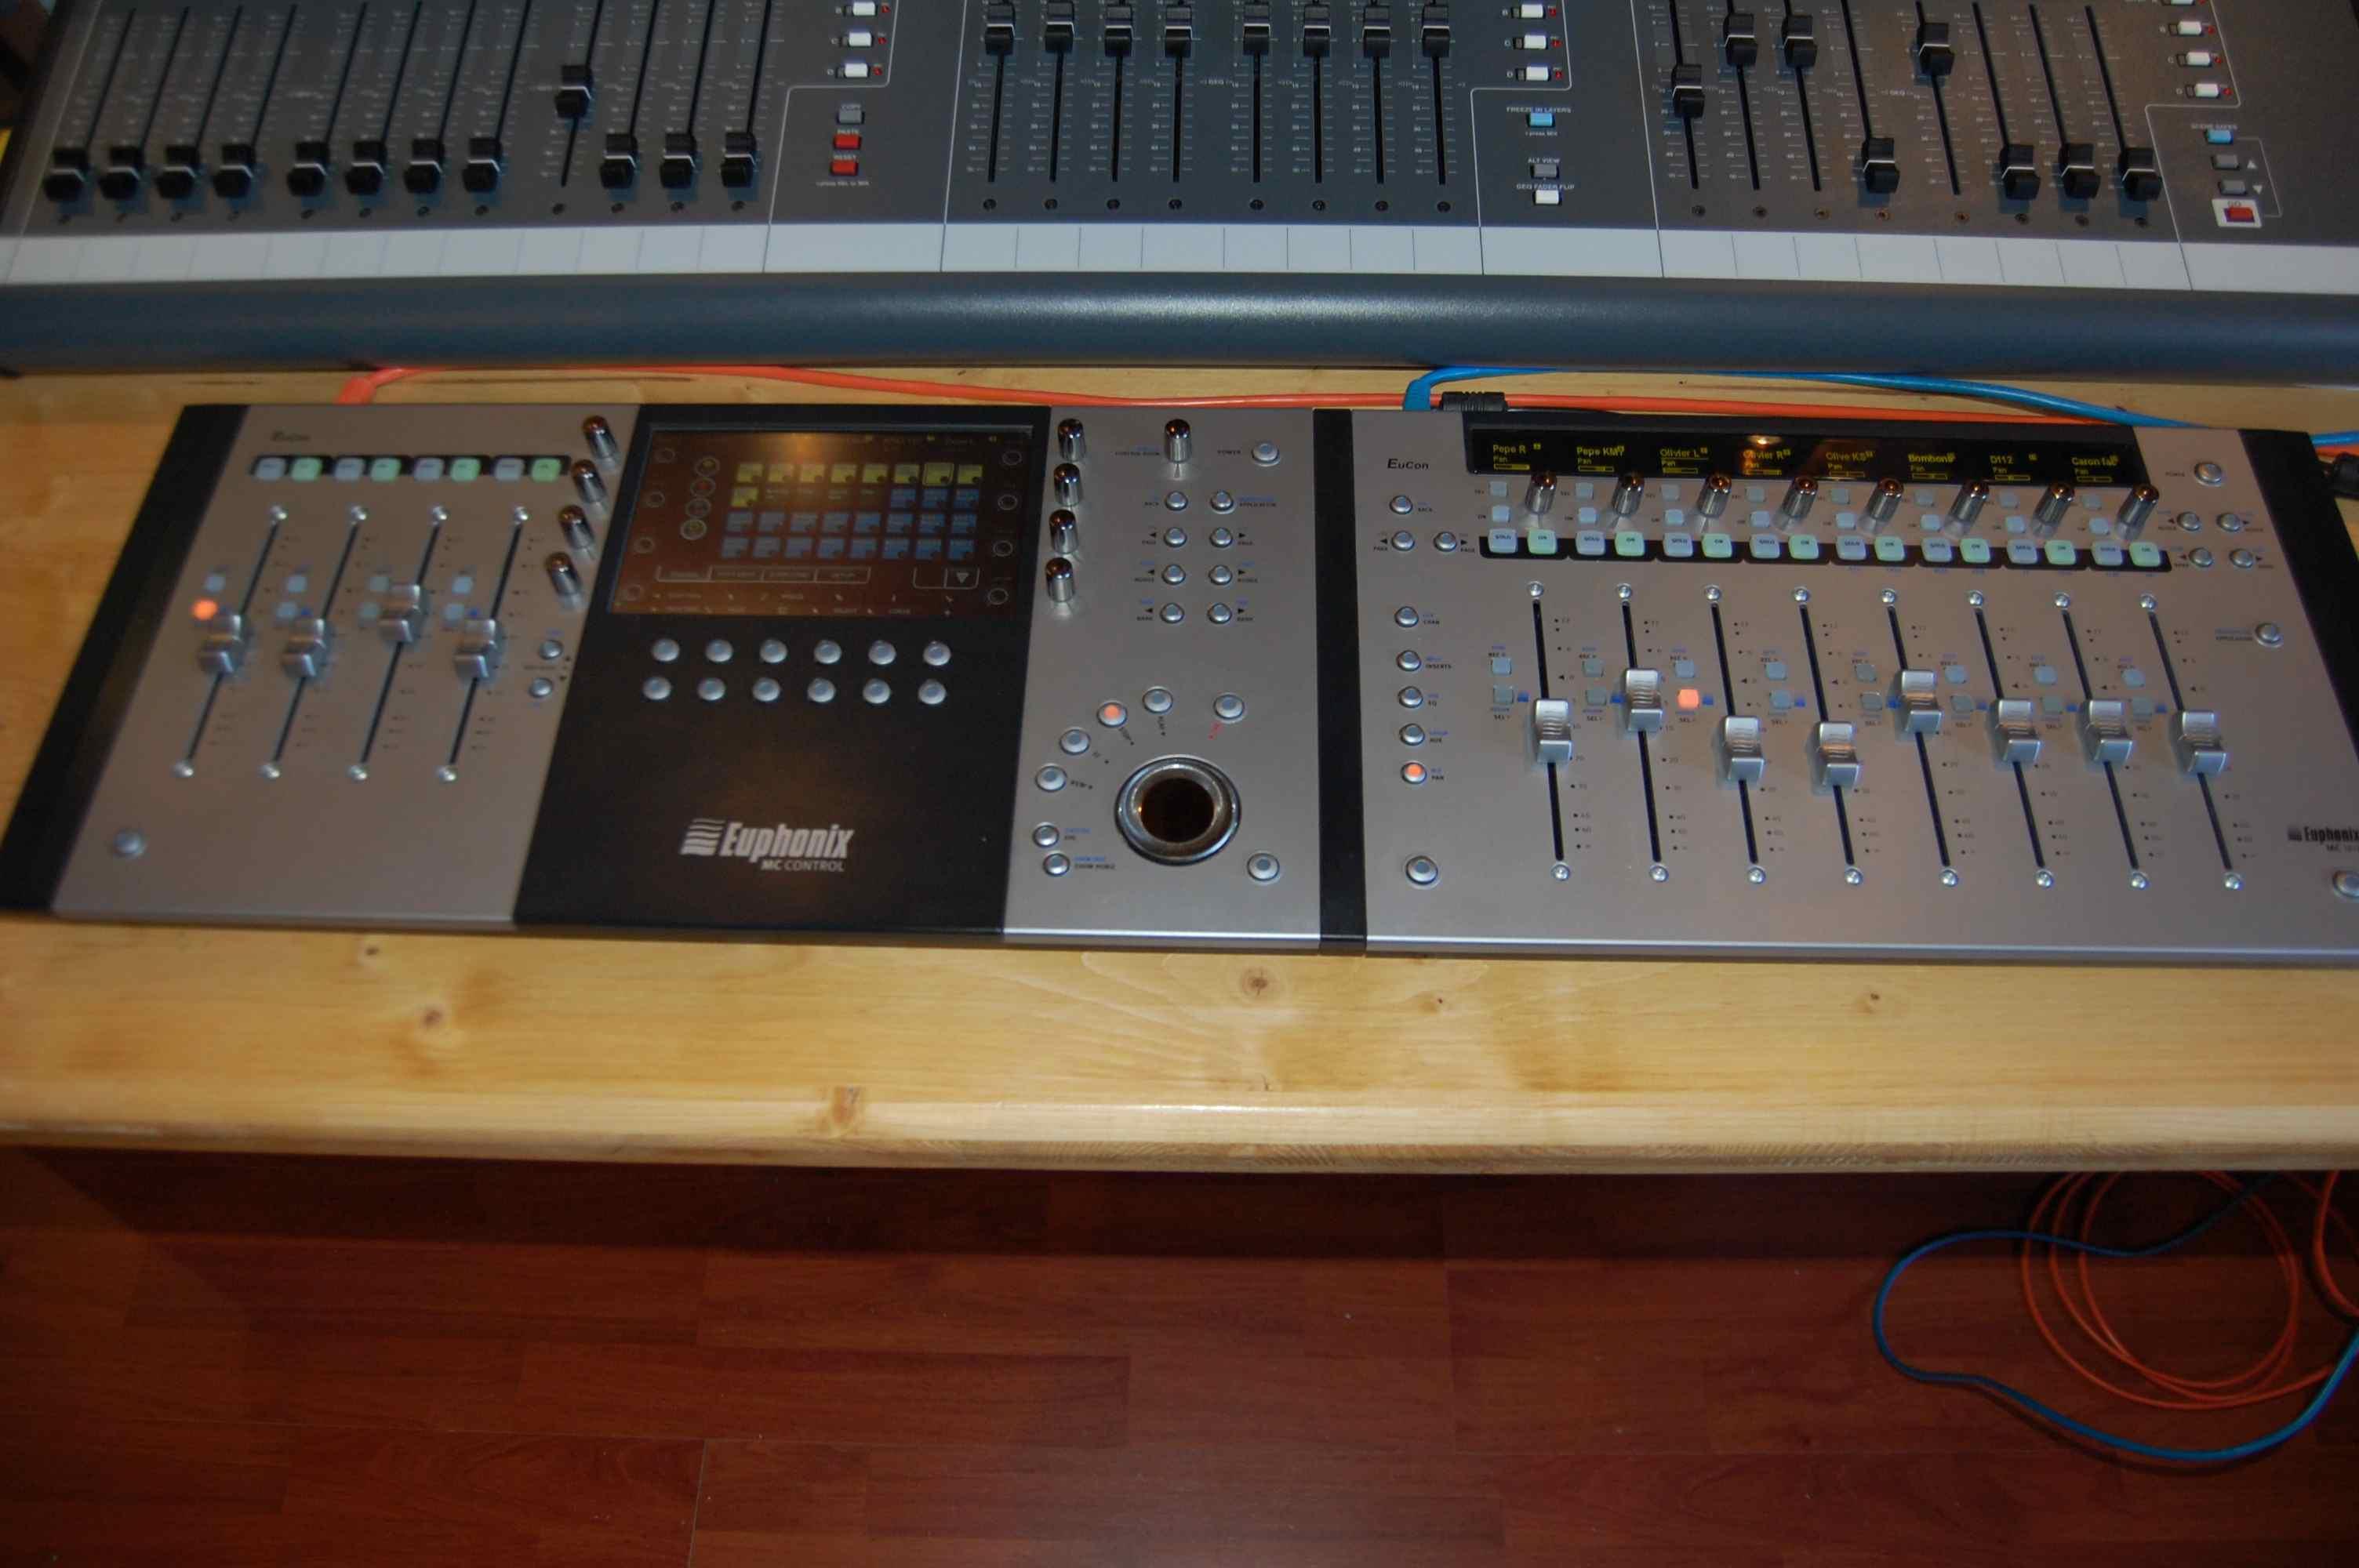 photo euphonix mc control v2 euphonix mc control v2 5119 439218 audiofanzine. Black Bedroom Furniture Sets. Home Design Ideas